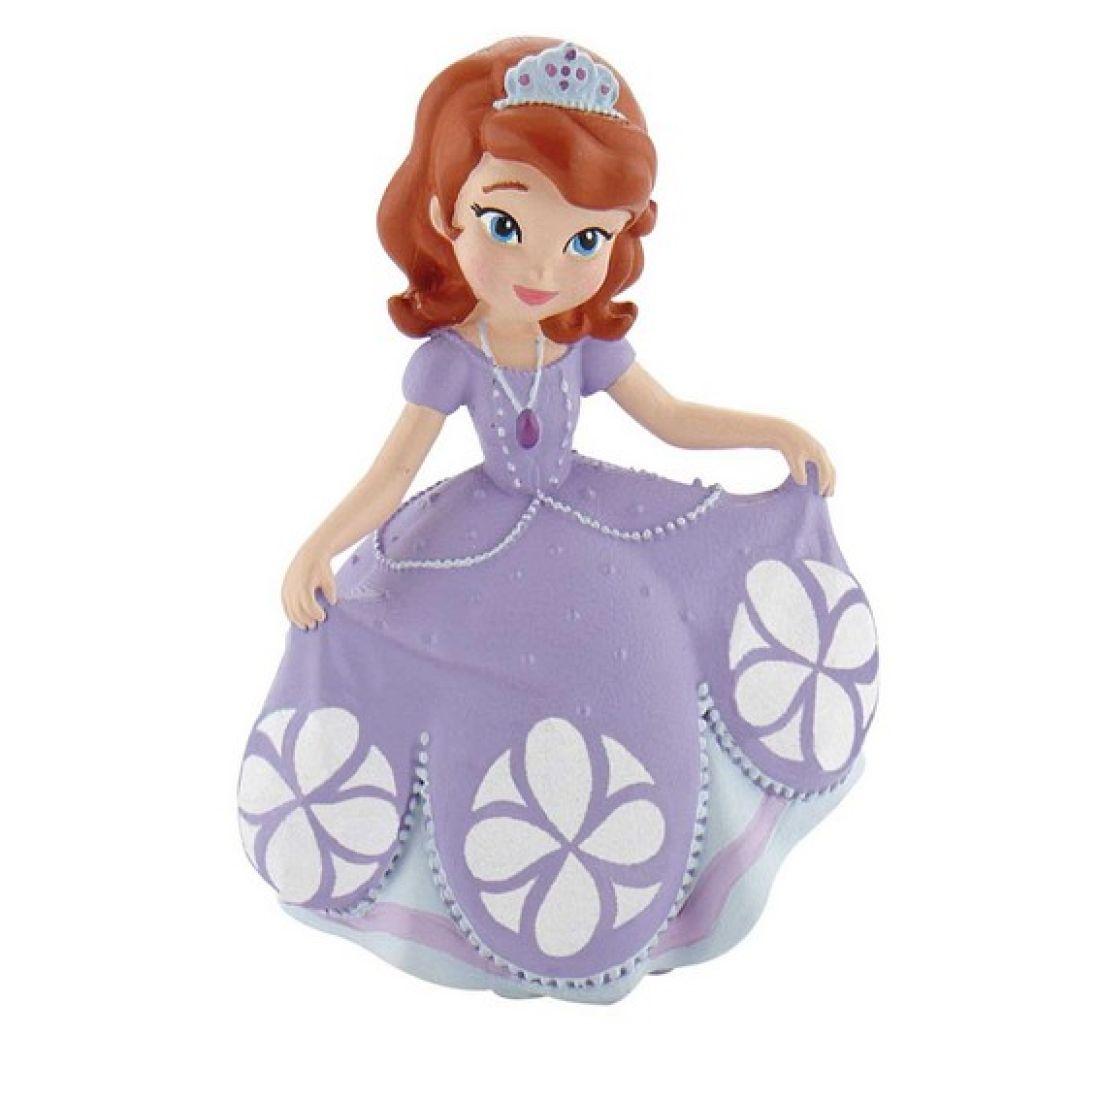 Princess Sofia Cake Topper Uk